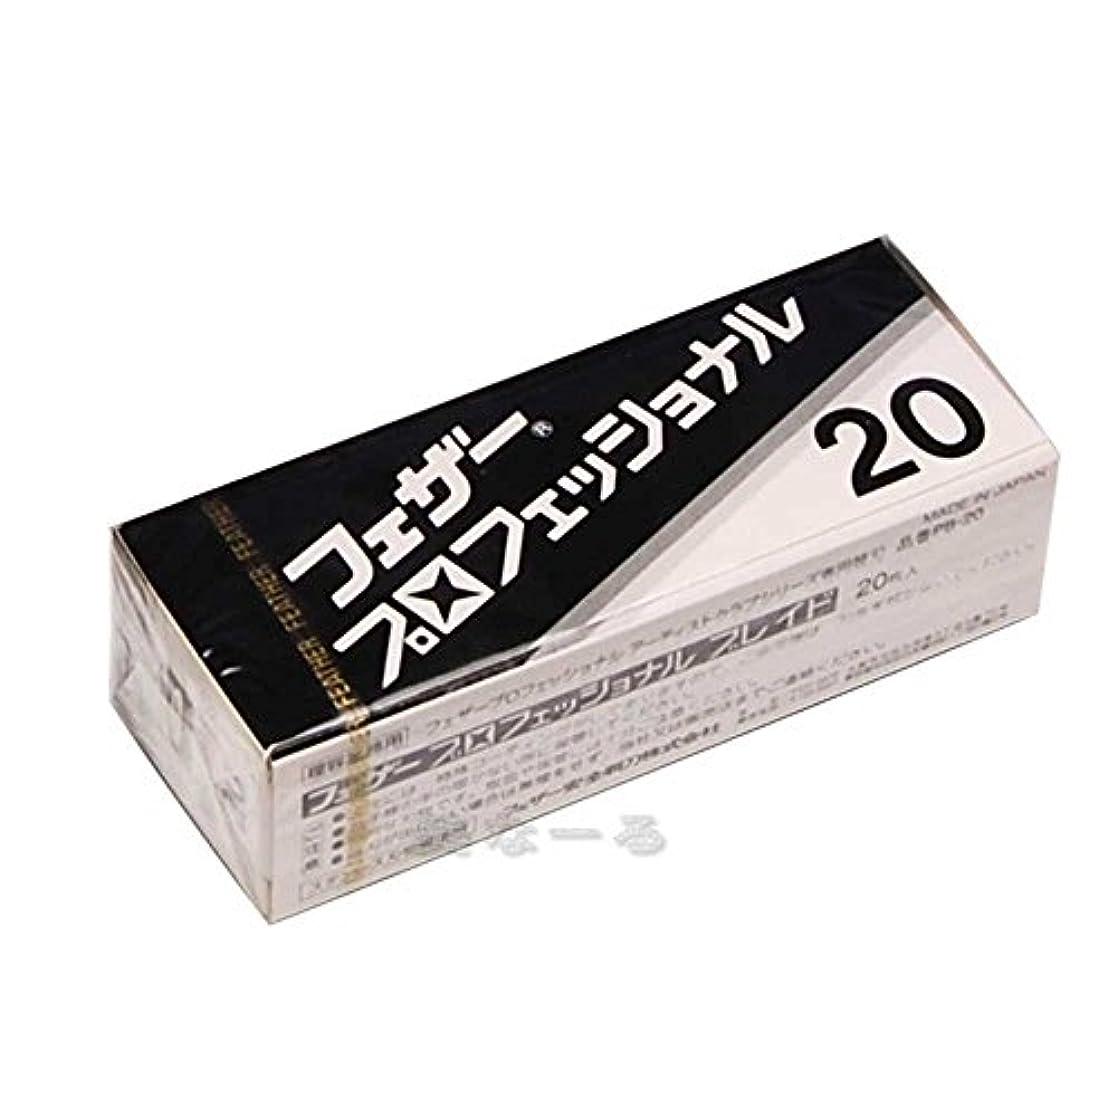 広範囲に謎めいた杭フェザー プロフェッショナル ブレイド PB-20 替刃 20枚入